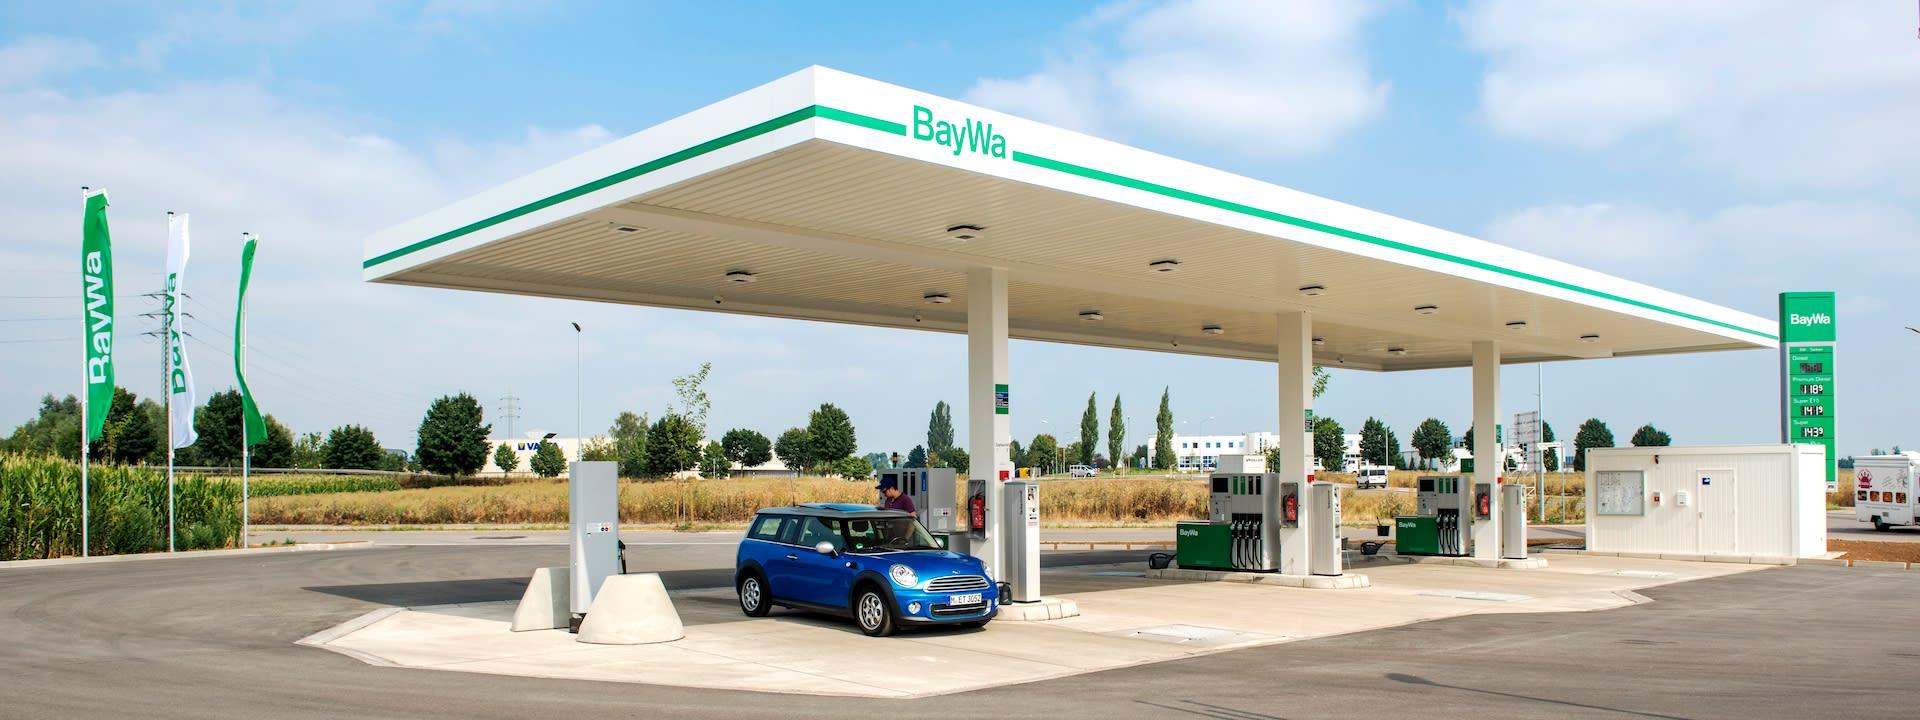 BayWa Tankstelle Ellwangen